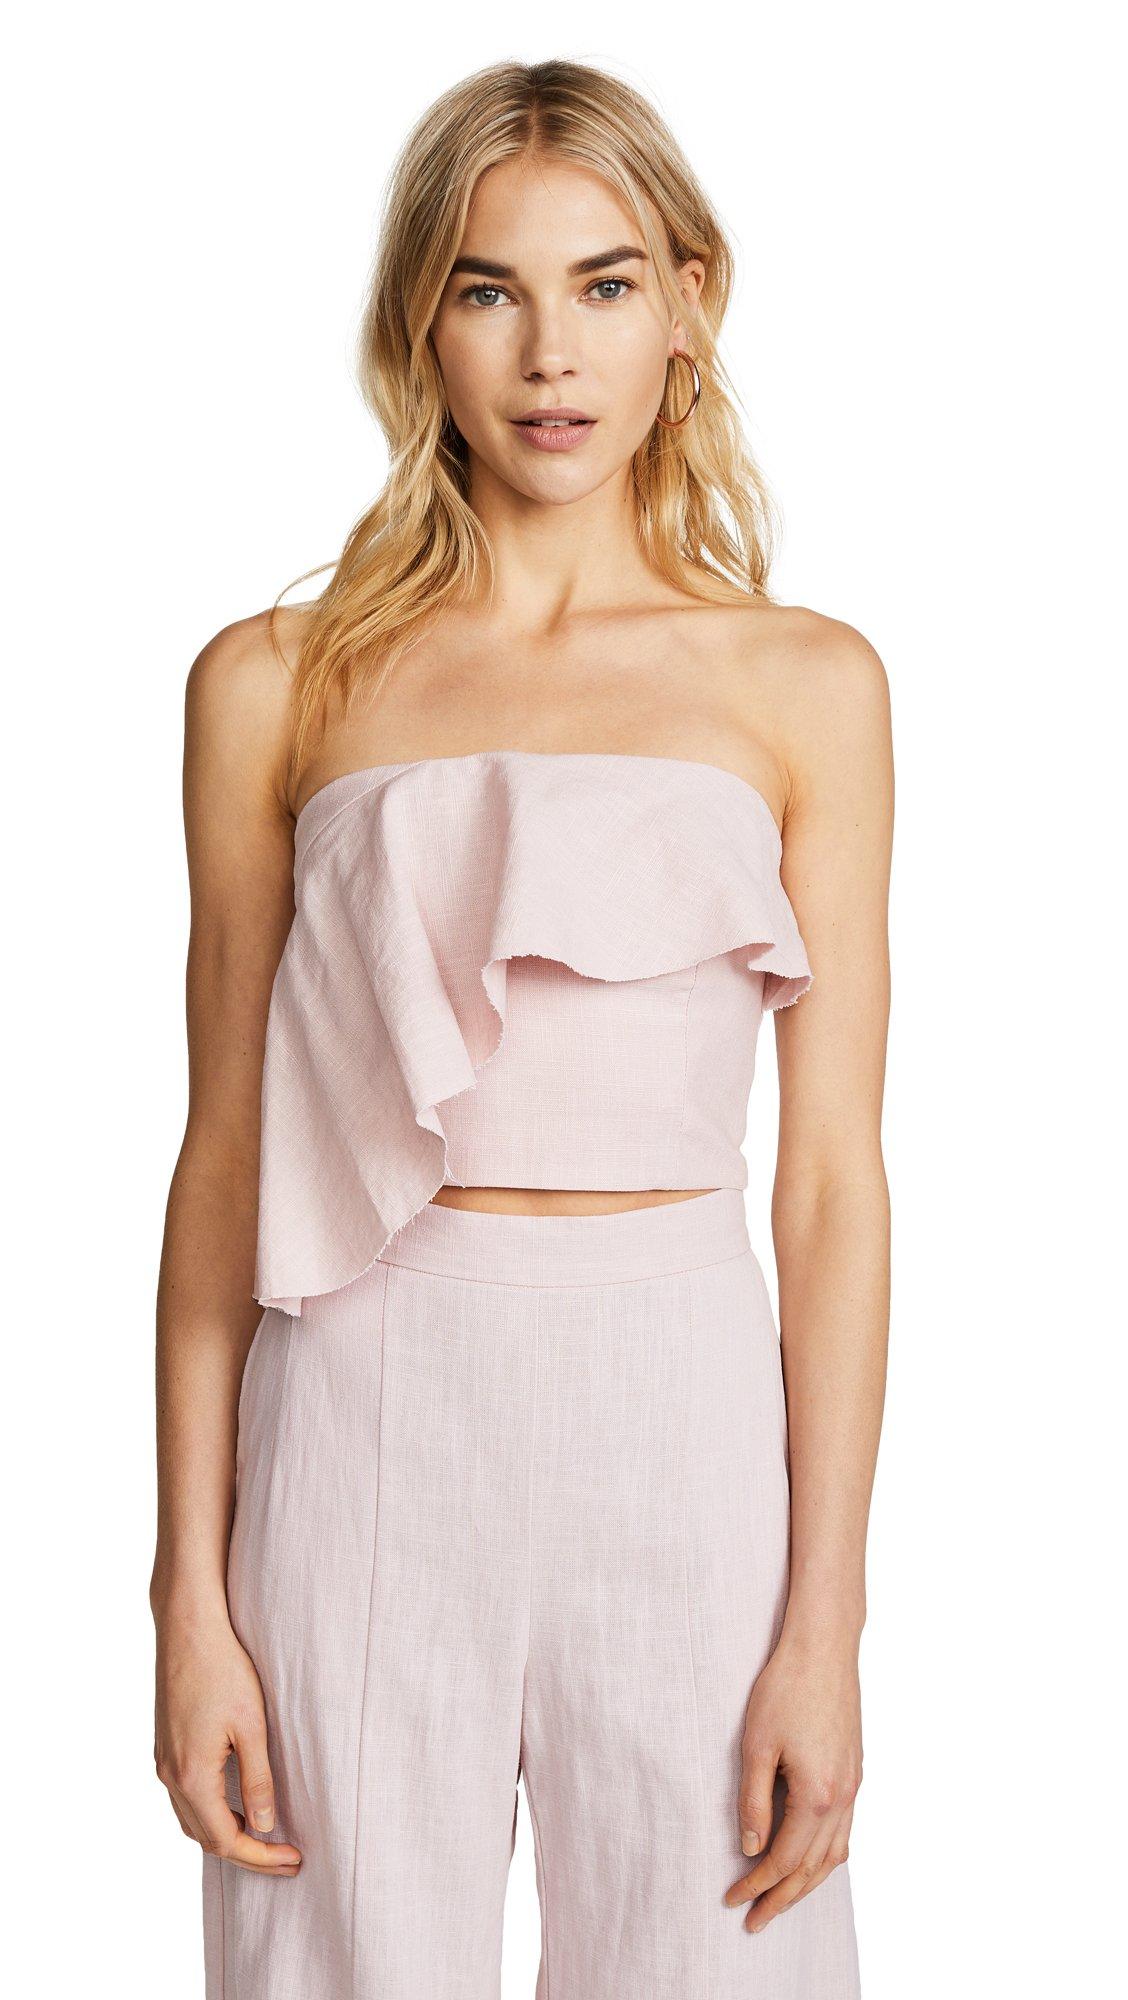 Bec & Bridge Women's Evie Rose Top, Pink, 2